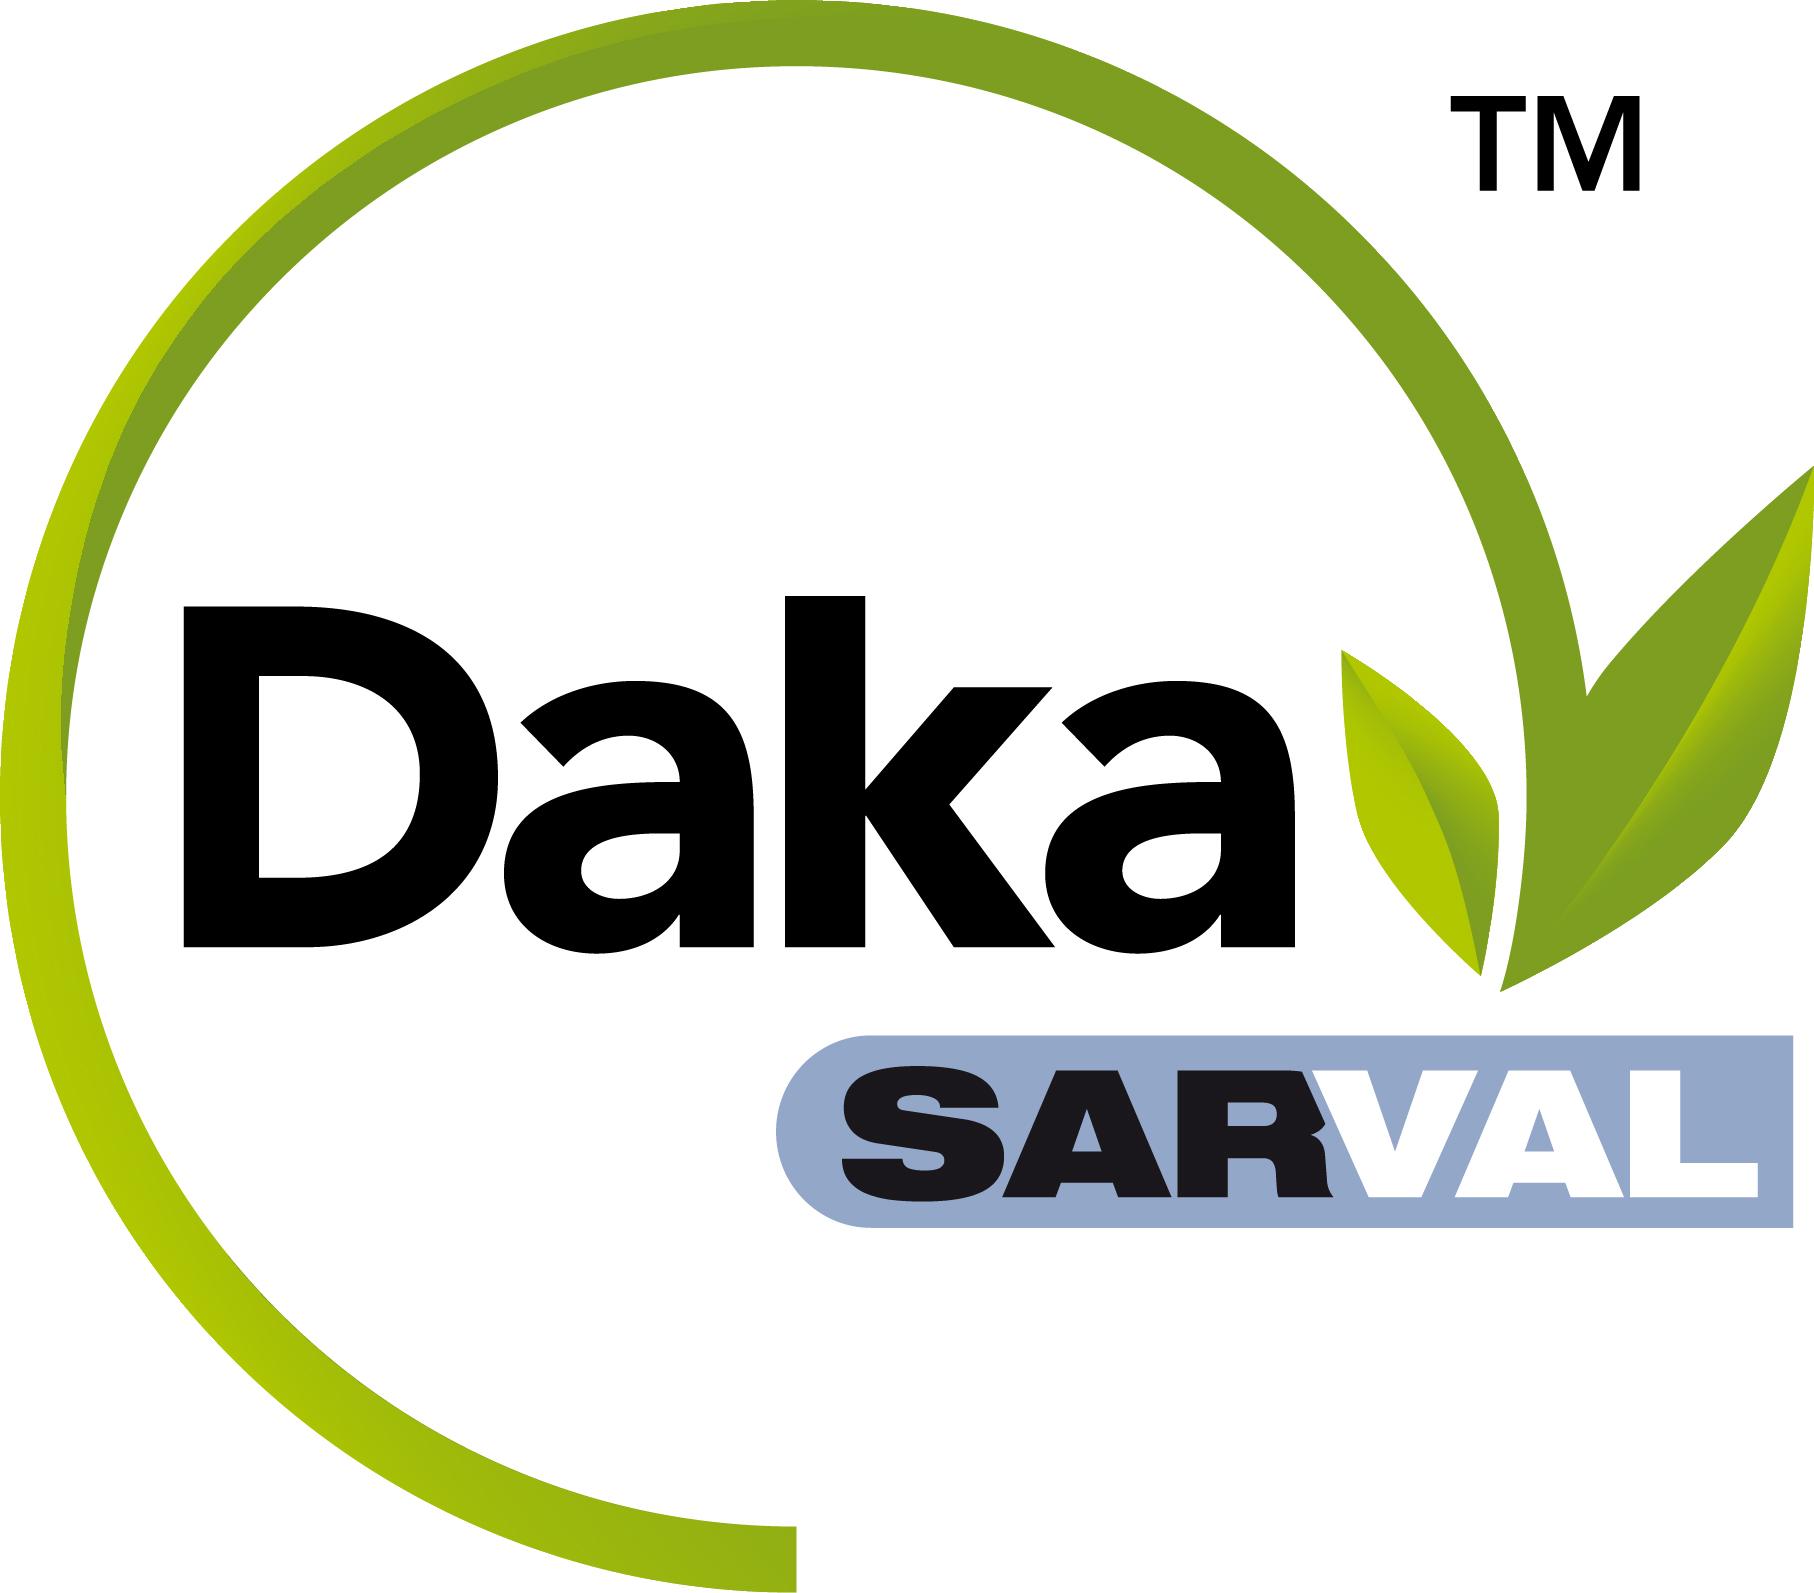 Daka_sarval_RGB.jpg